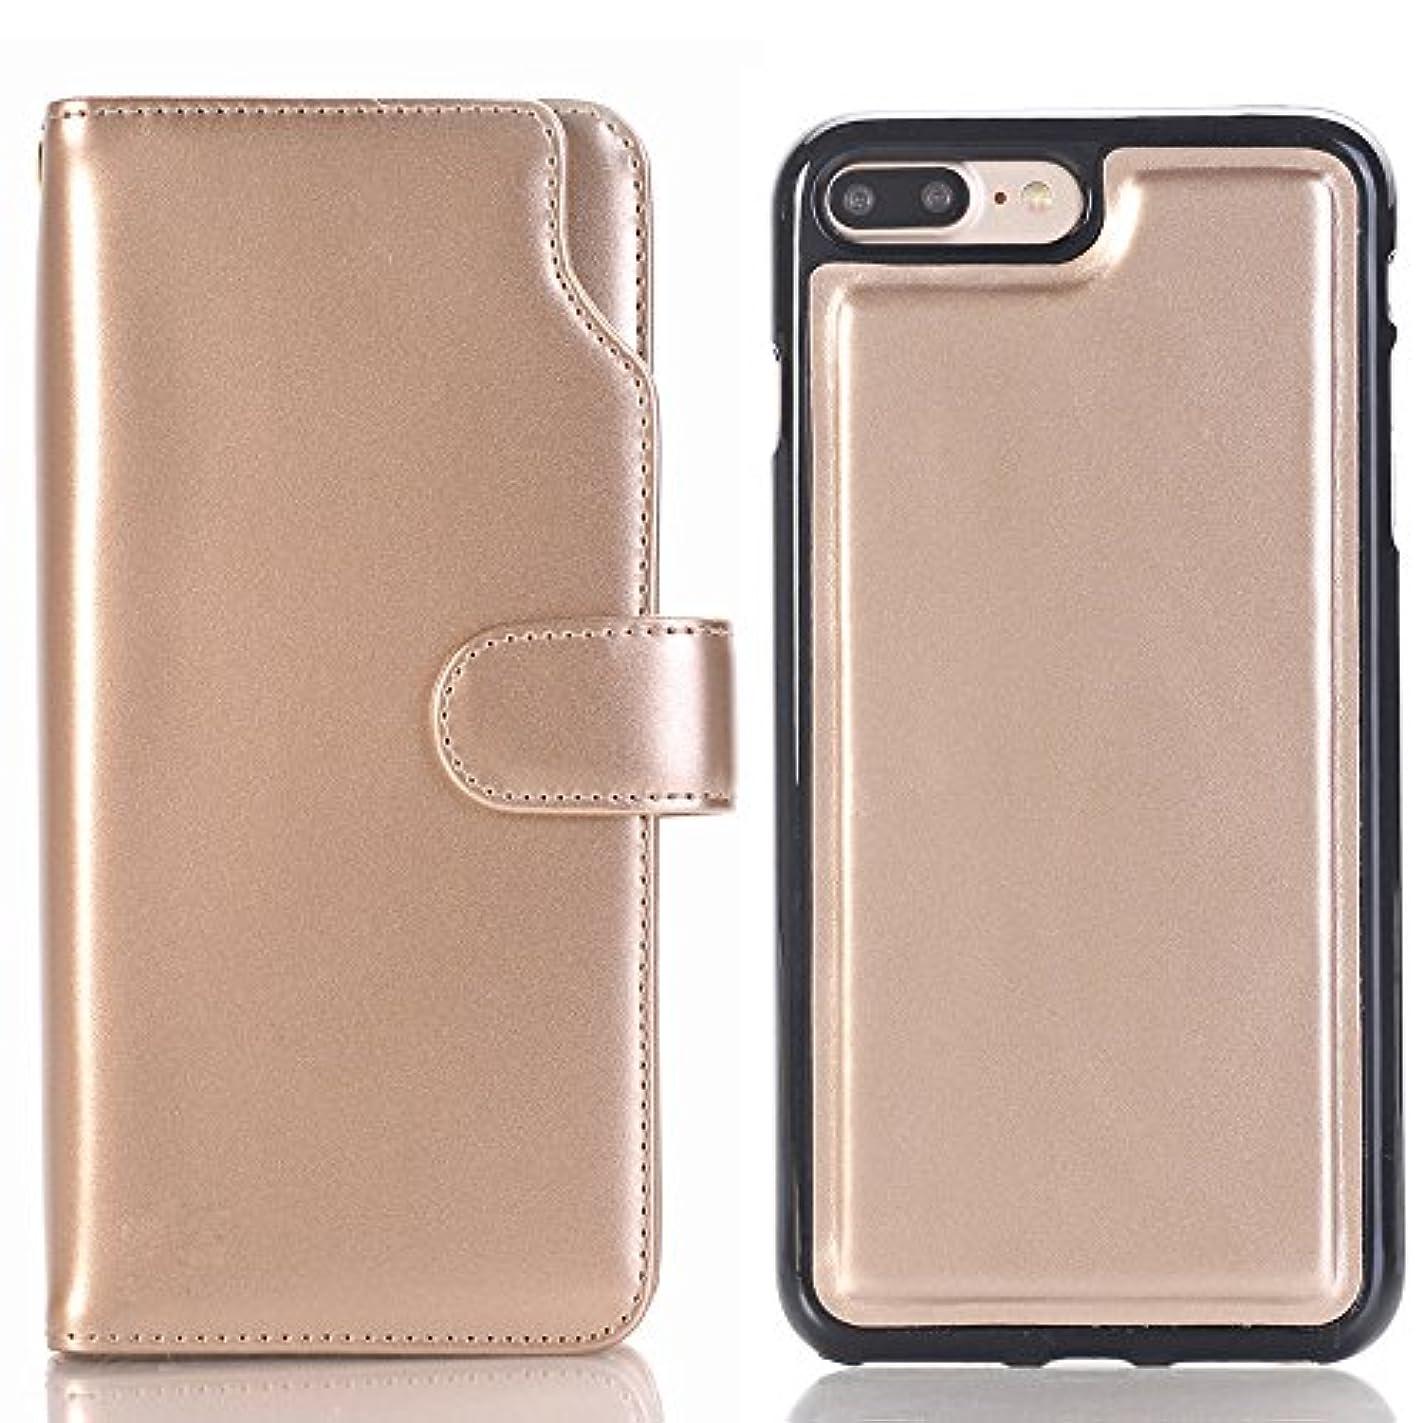 能力蒸し器別々にiPhone 6 Plus ケース 分離可能、SIMPLE DO 良質レザー おしゃれデザイン カード収納 傷つけ防止 業務用(ゴールド)